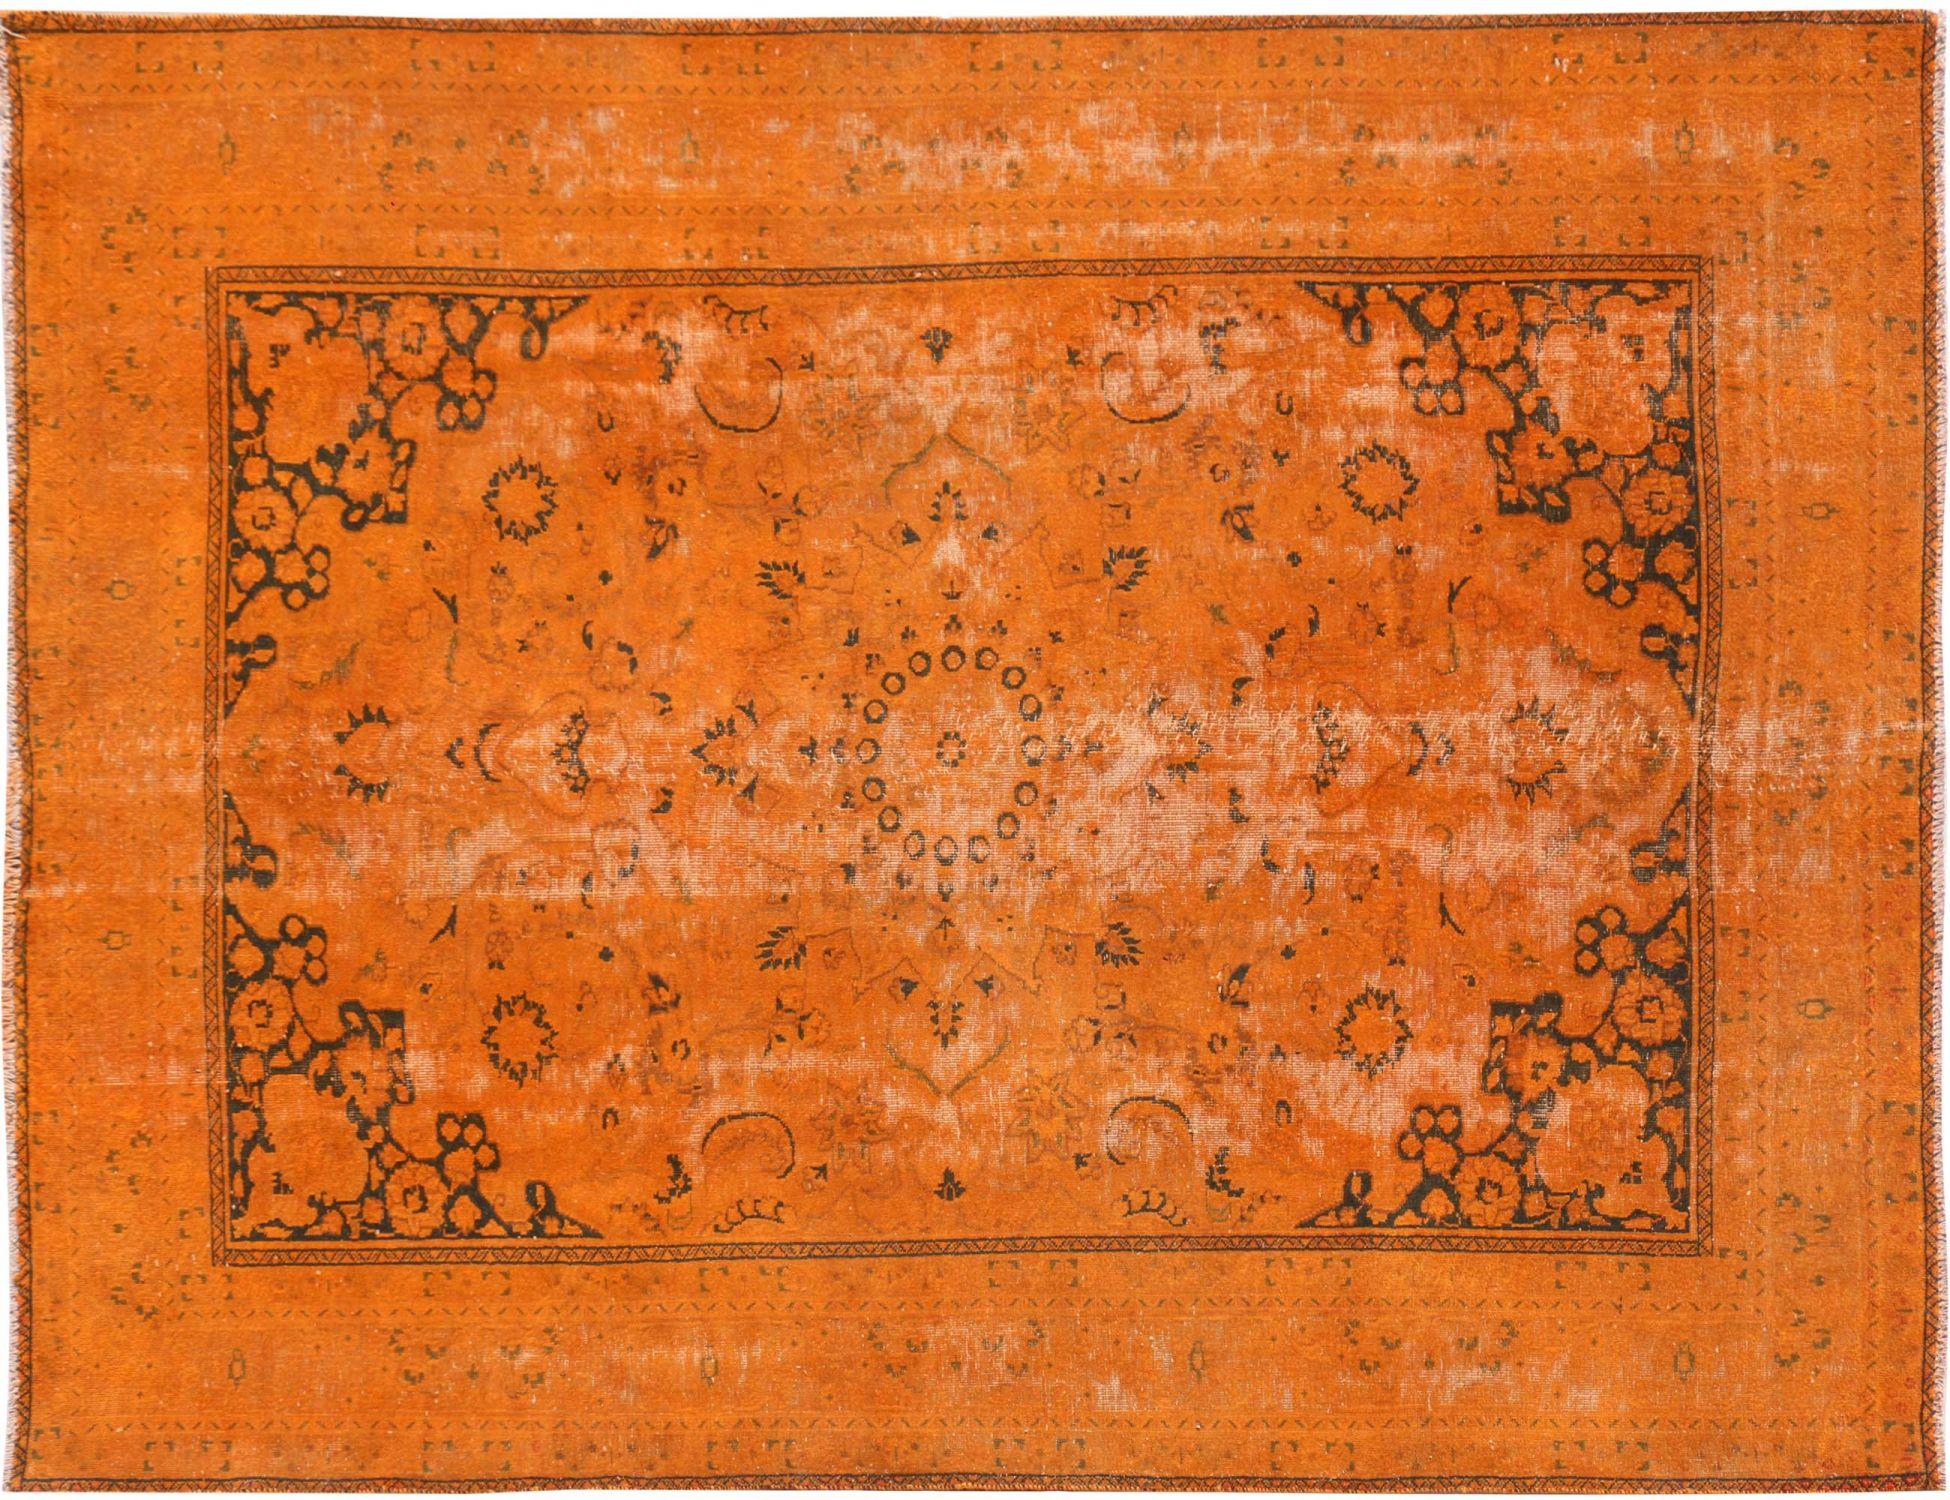 Vintage Perserteppich  orange <br/>280 x 195 cm